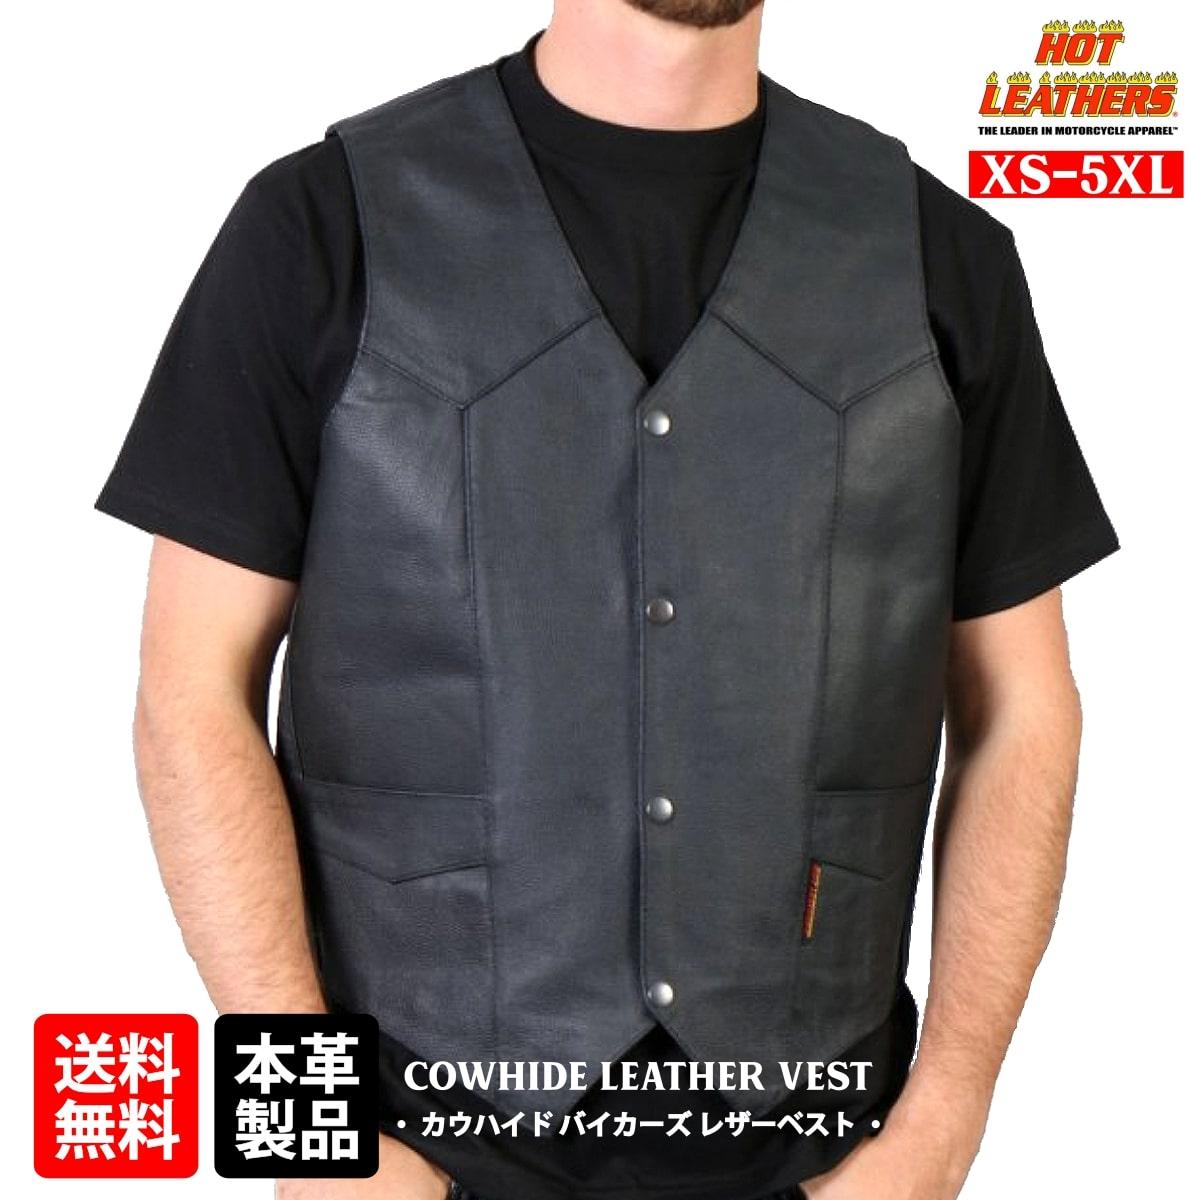 全品ポイント2倍 本国ハーレー乗り愛用の有名ブランド直輸入品 国内では未発売のレアデザインで周りと差をつけろ 送料無料 日本未発売 米国直輸入 Hot Leathers 送料無料限定セール中 Men's Classic style Cowhide Leather Vest 黒 Inside 2ポケット 大きいサイズ バイクに ブラックカラー メンズ 本革 評判 カウハイドレザーベスト Pocket w ホットレザー クラシックスタイル ベスト用アクセサリーに対応